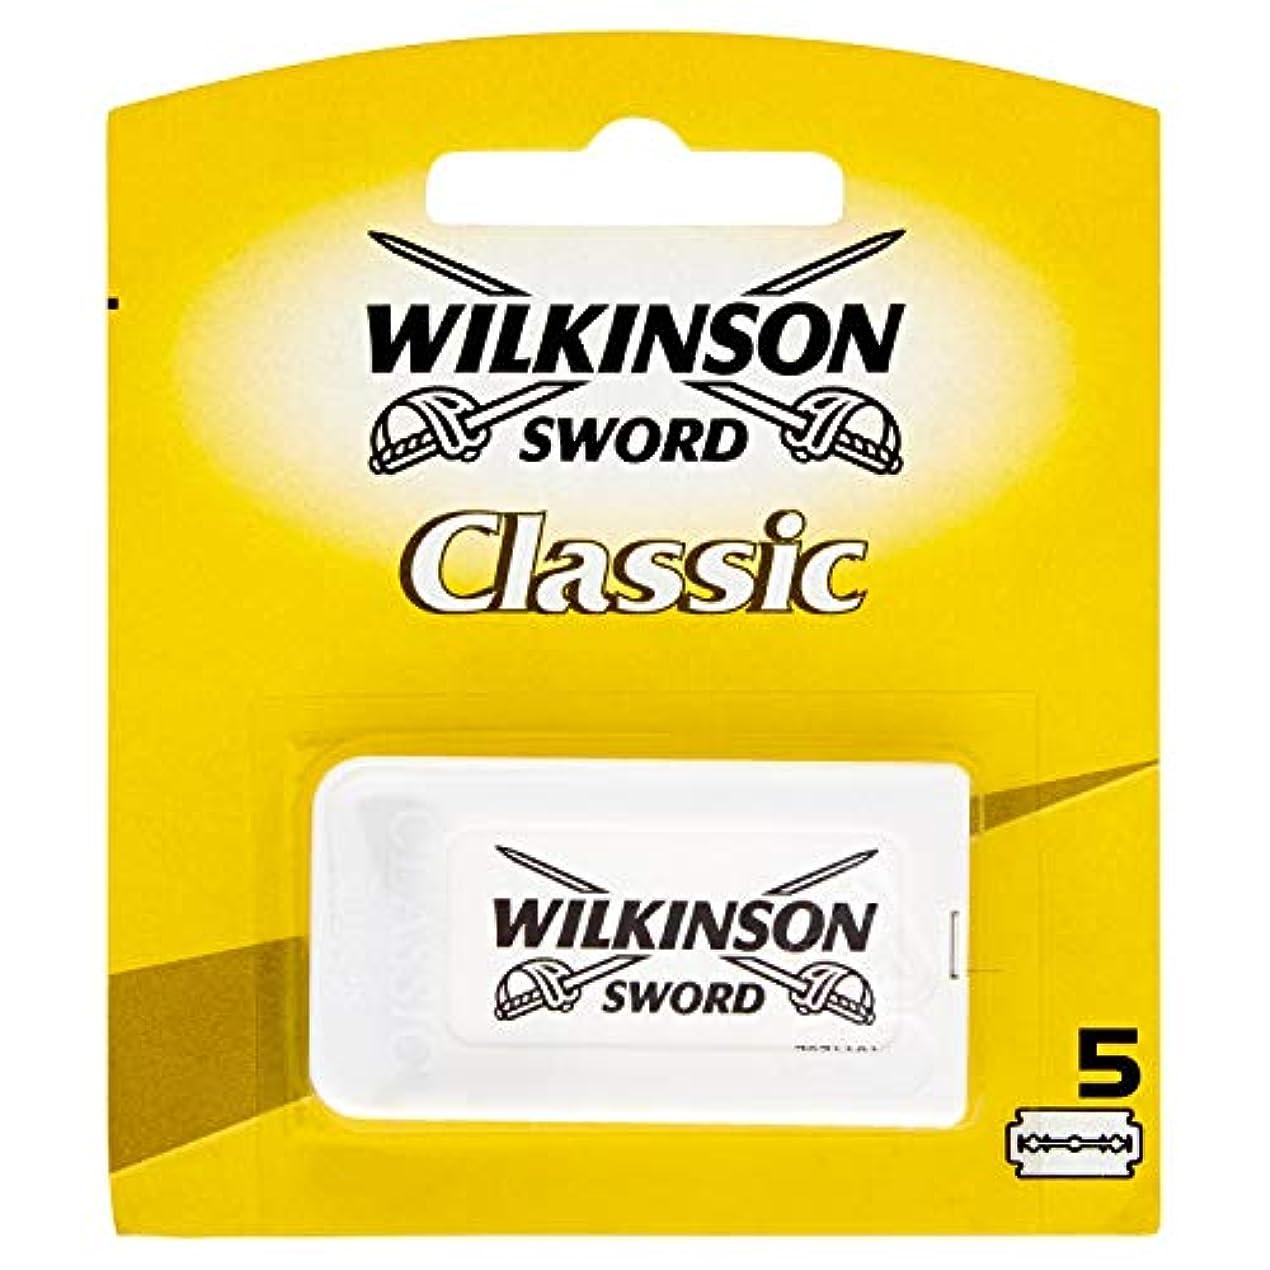 断線財政楽しむWilkinson Sword(ウィルキンソンソード) Classic 両刃替刃 5個入り [並行輸入品]